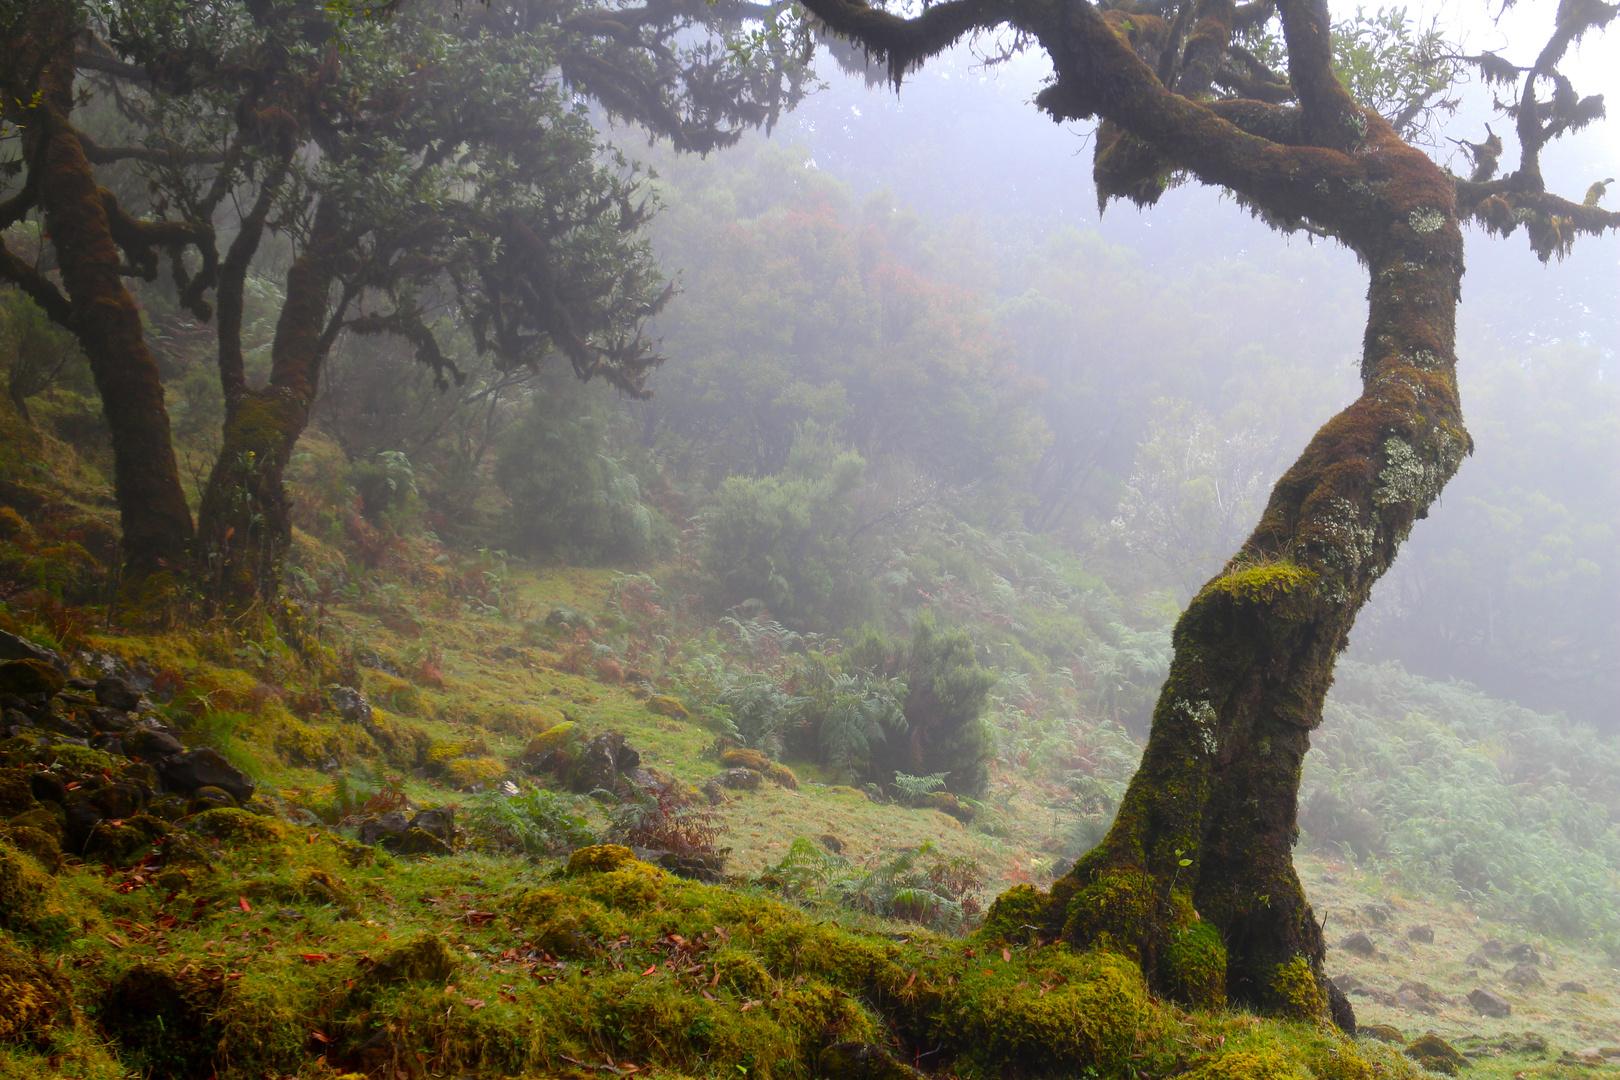 Nebel auf der Hochebene